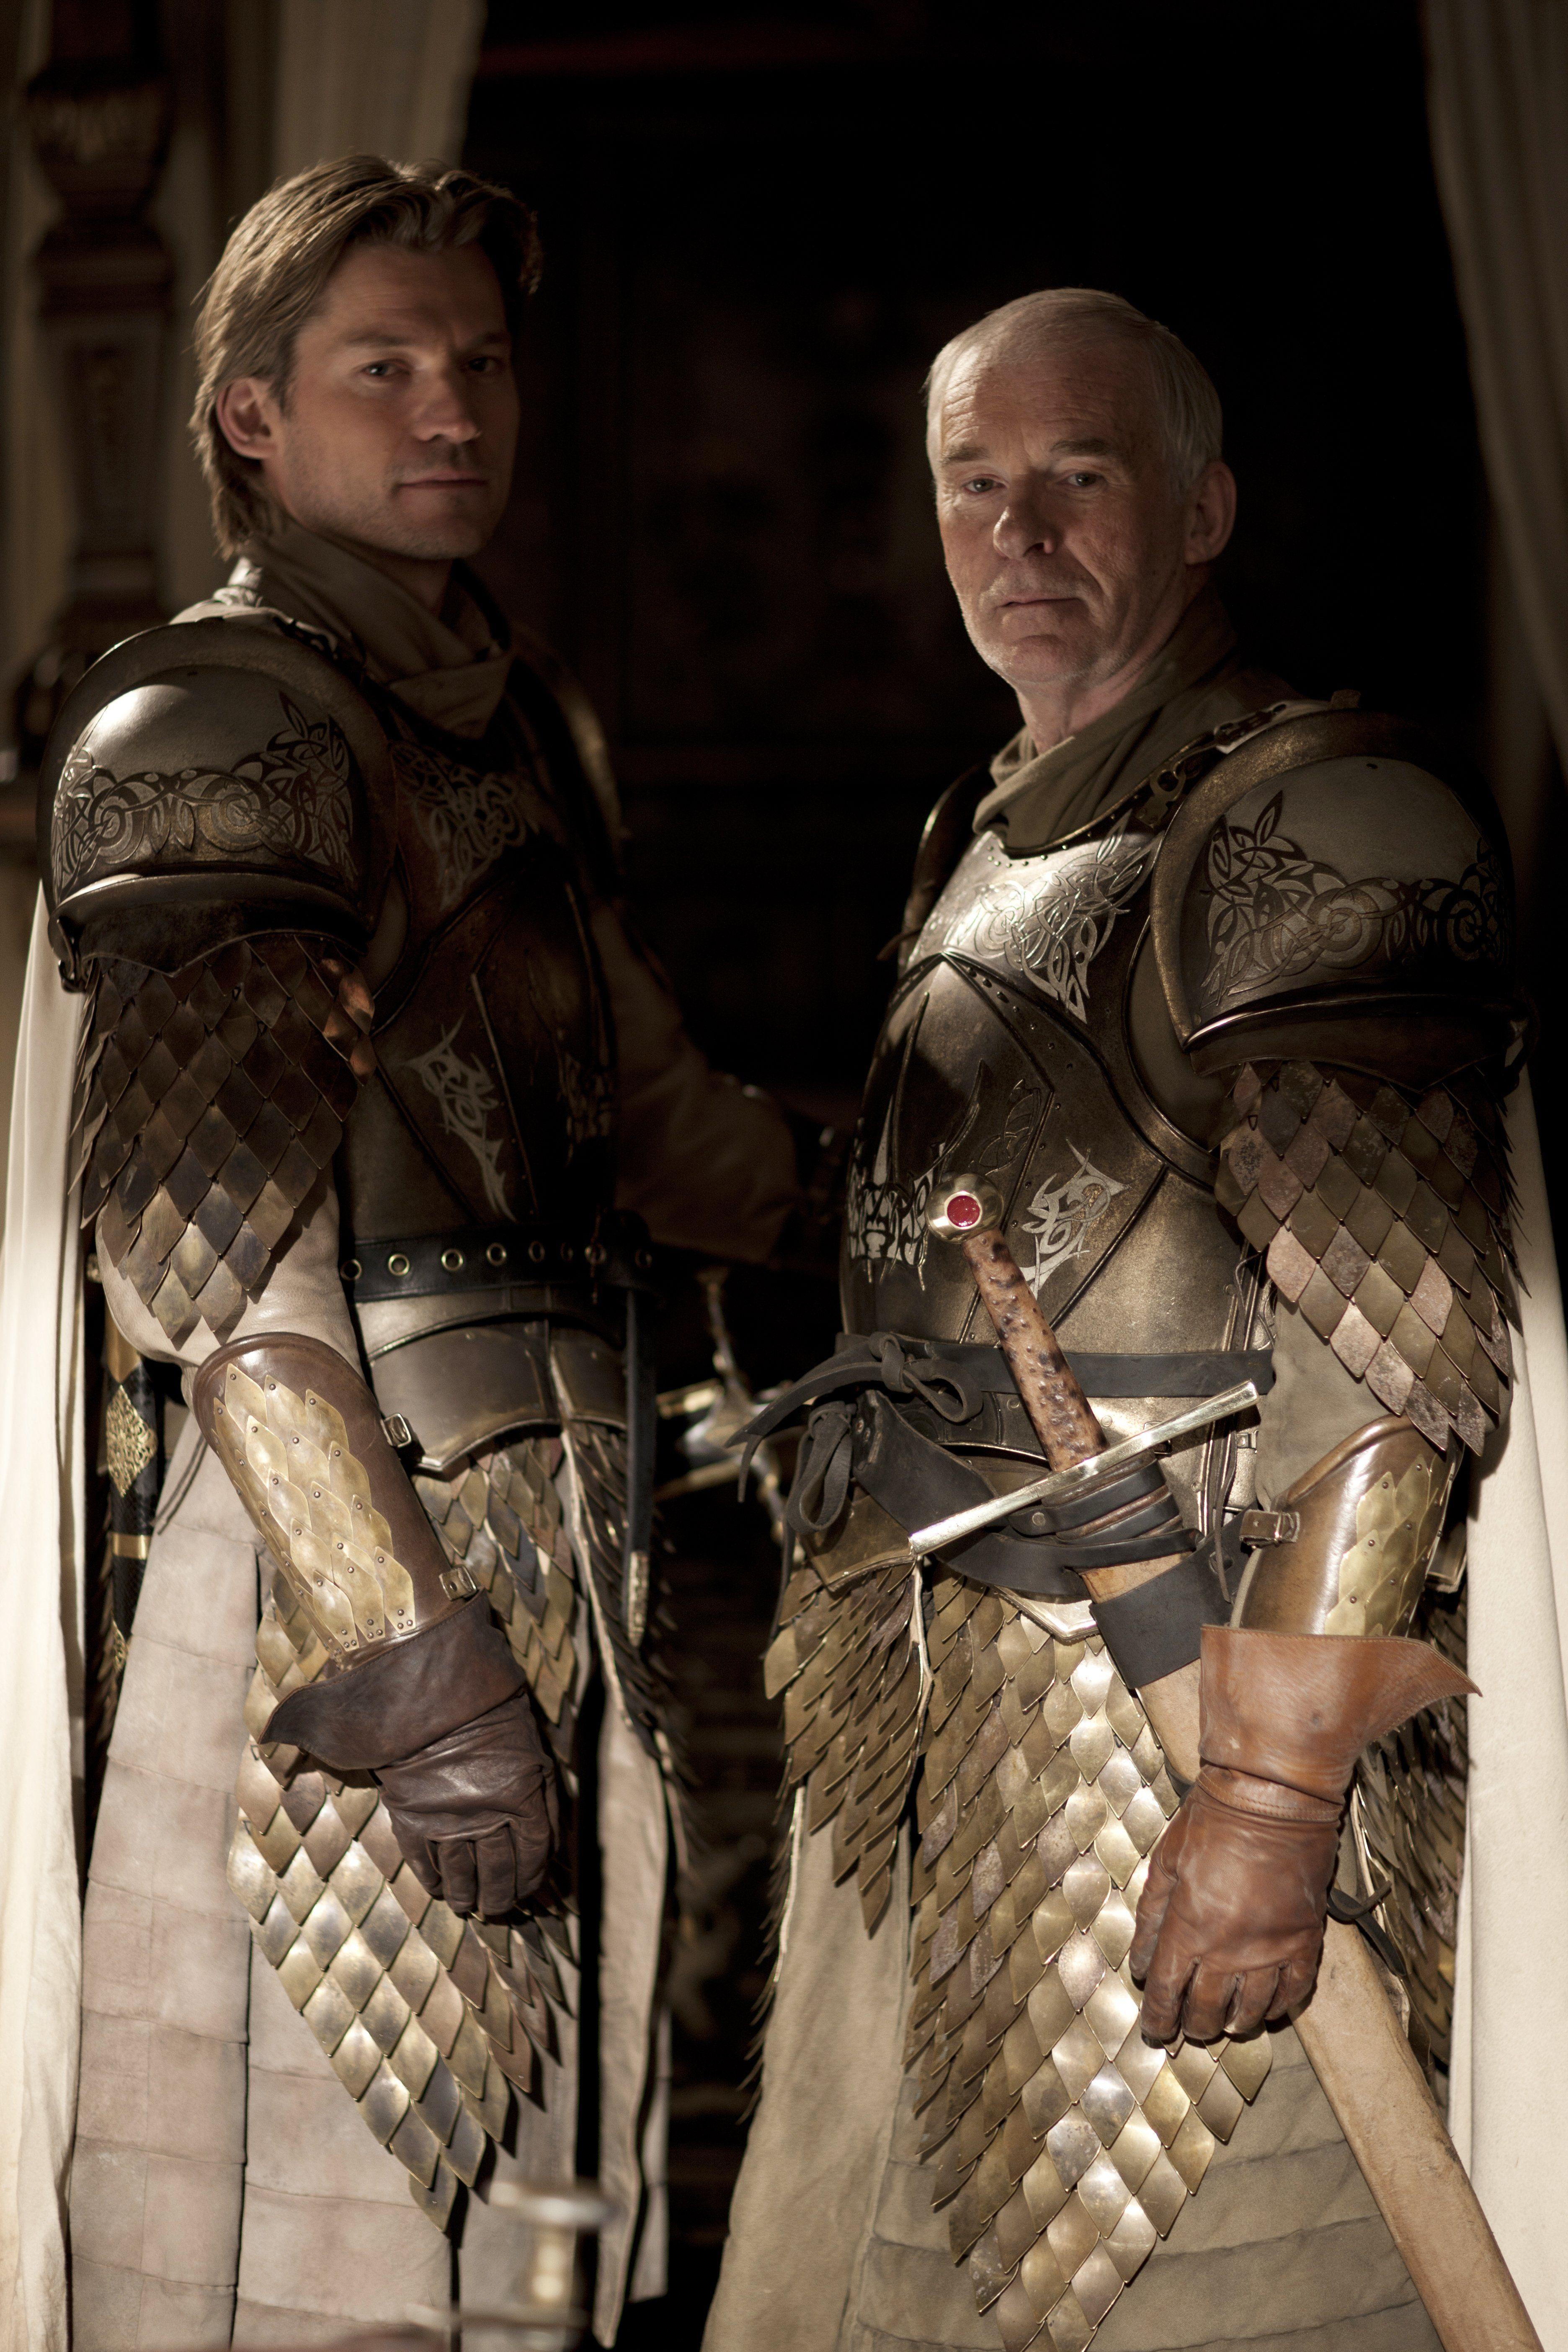 Game of Thrones Season 1 Episode Still Jaime lannister